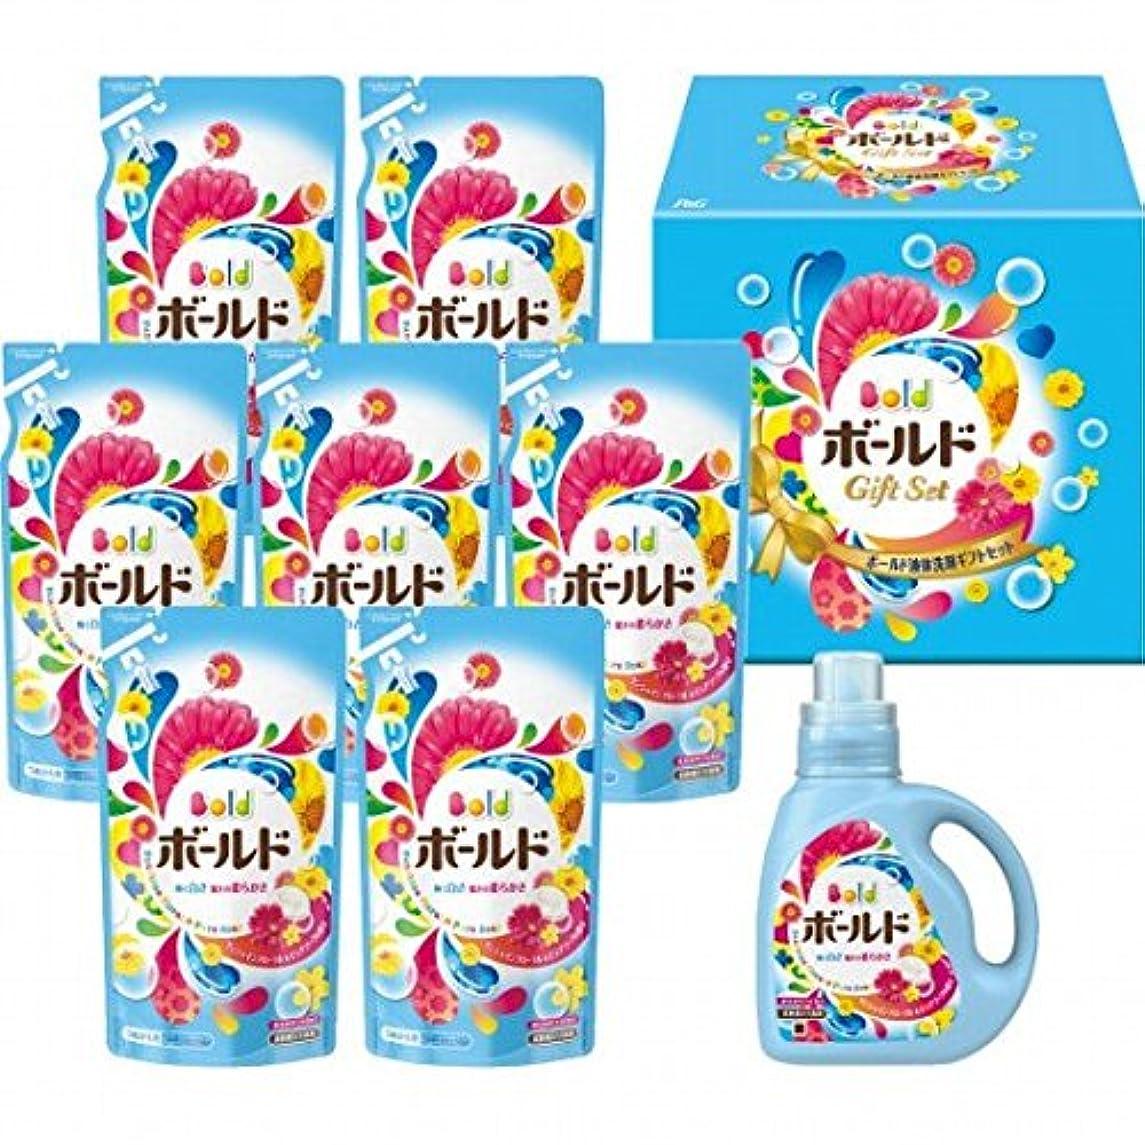 無効にする季節生きるP&G(ピーアンドジー) お歳暮 P&G ボールド液体洗剤ギフトセット(PGLB-50T)